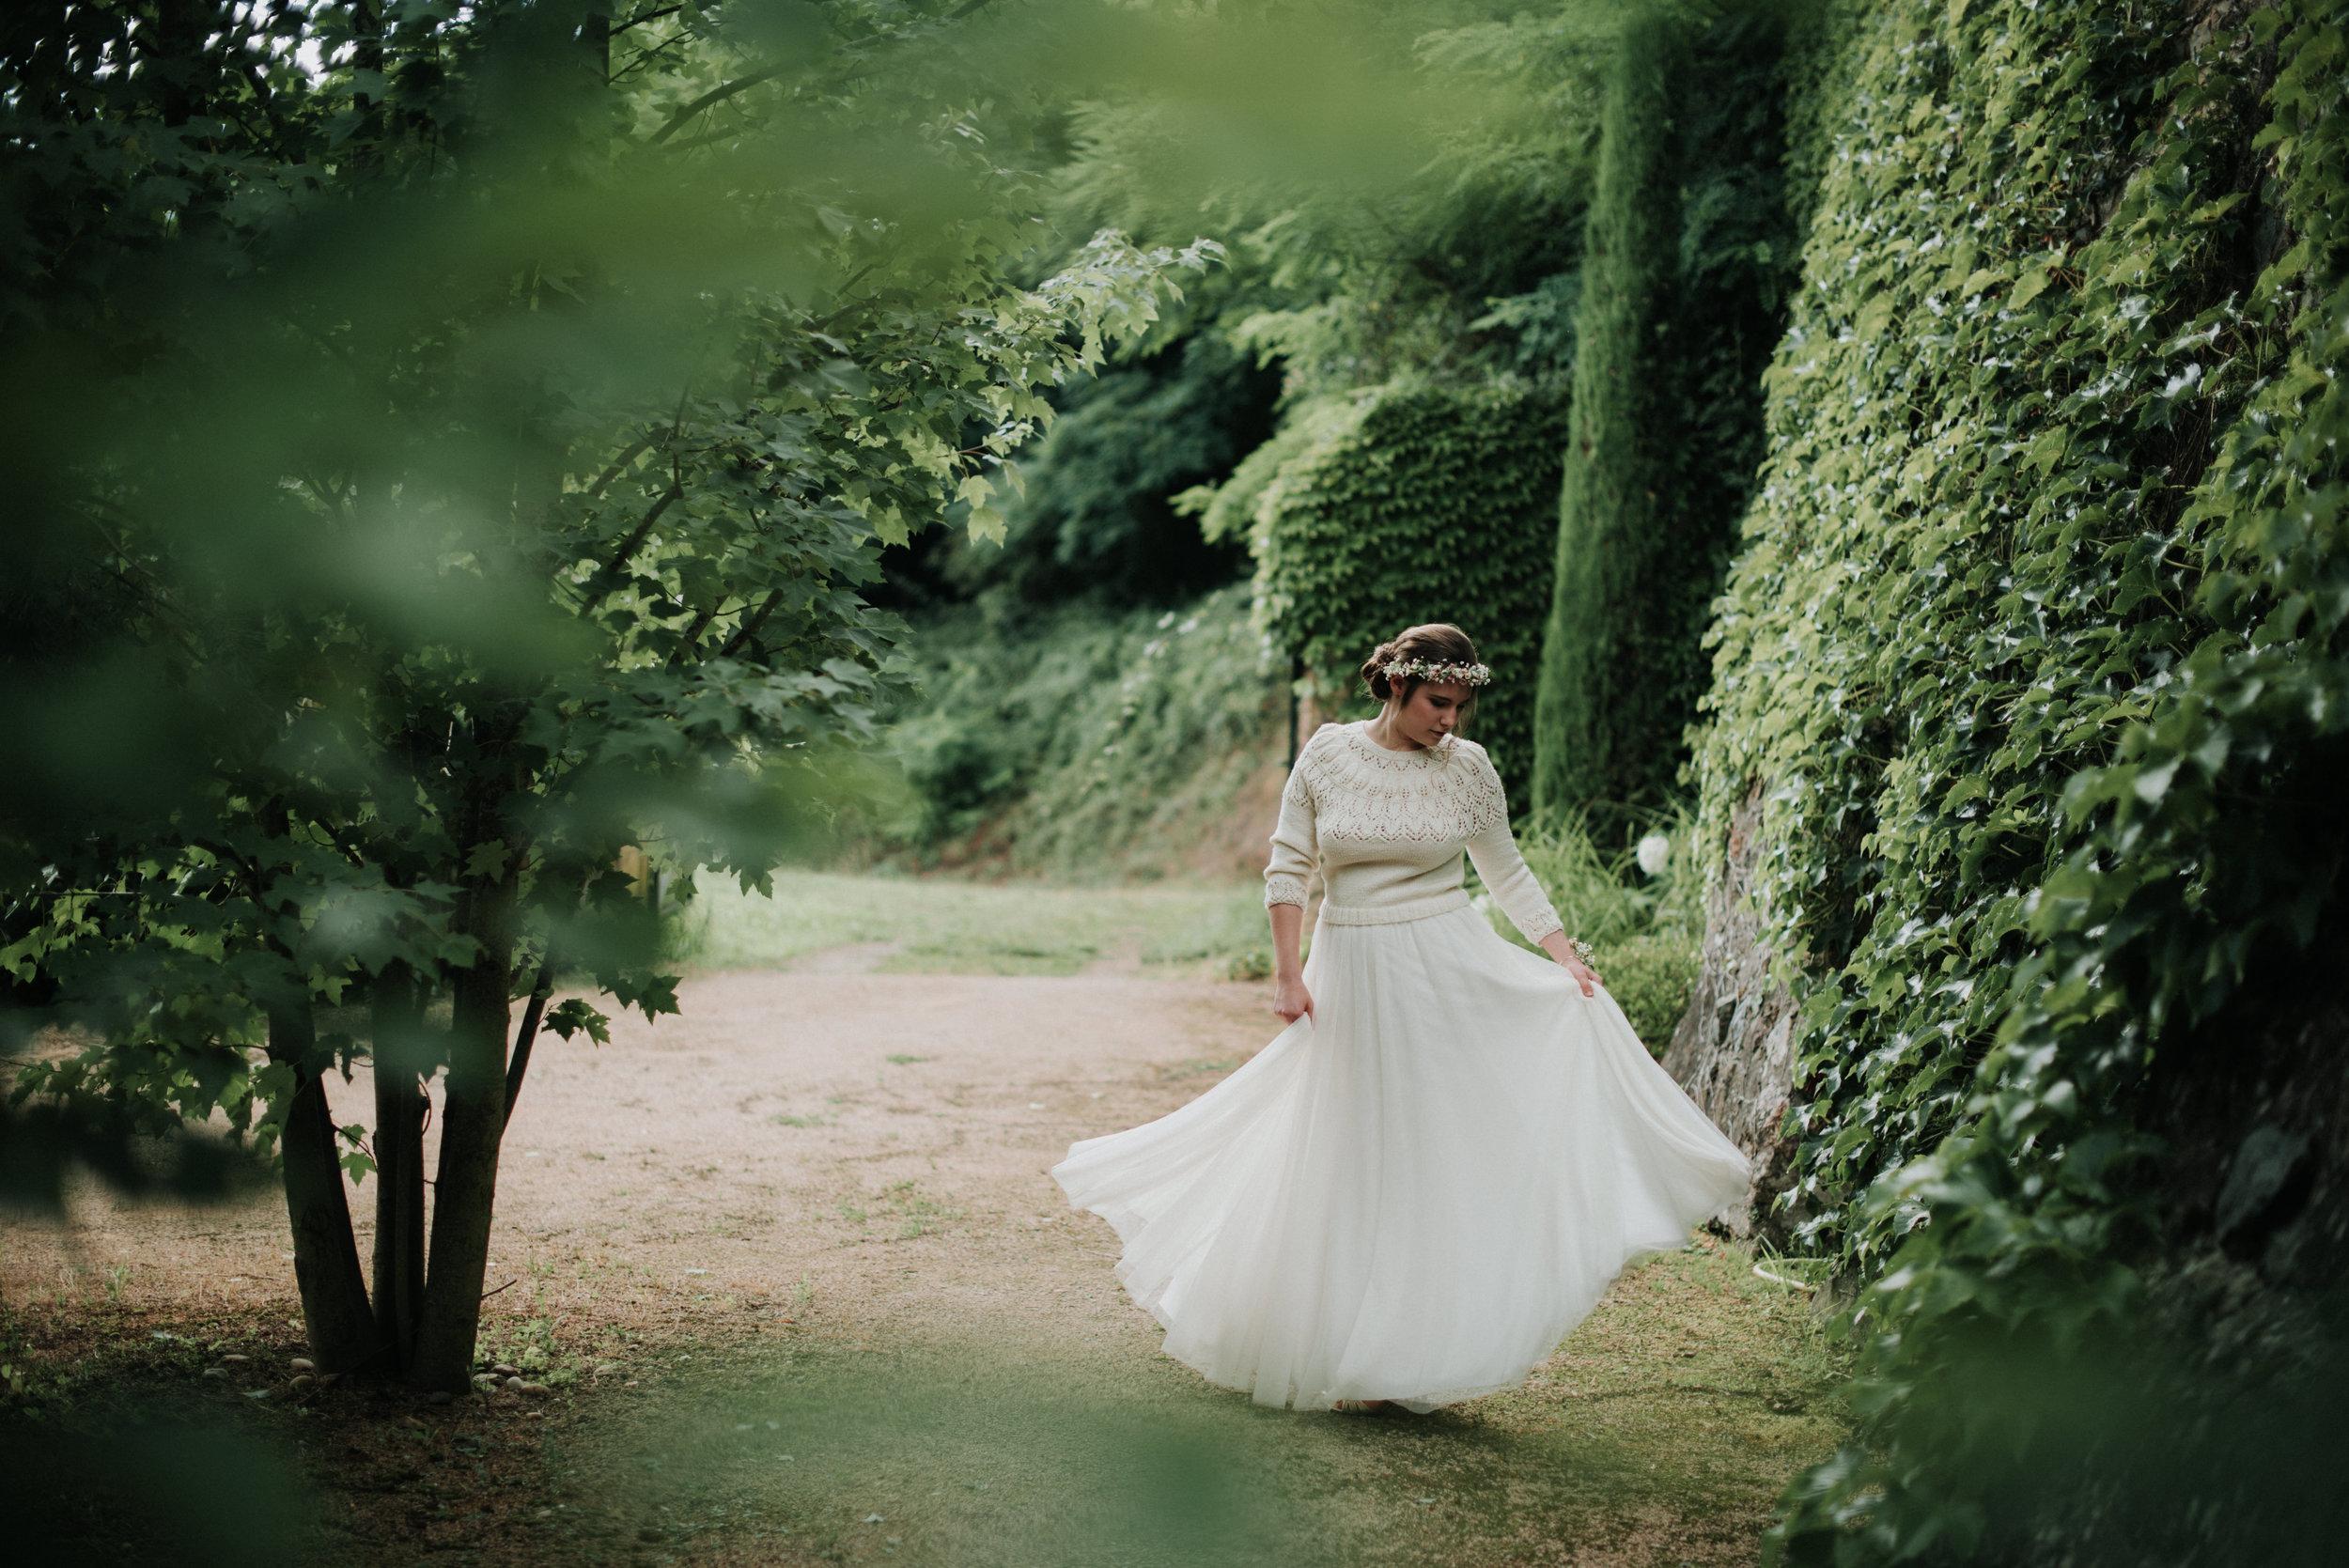 Léa-Fery-photographe-professionnel-lyon-rhone-alpes-portrait-creation-mariage-evenement-evenementiel-famille-8749.jpg